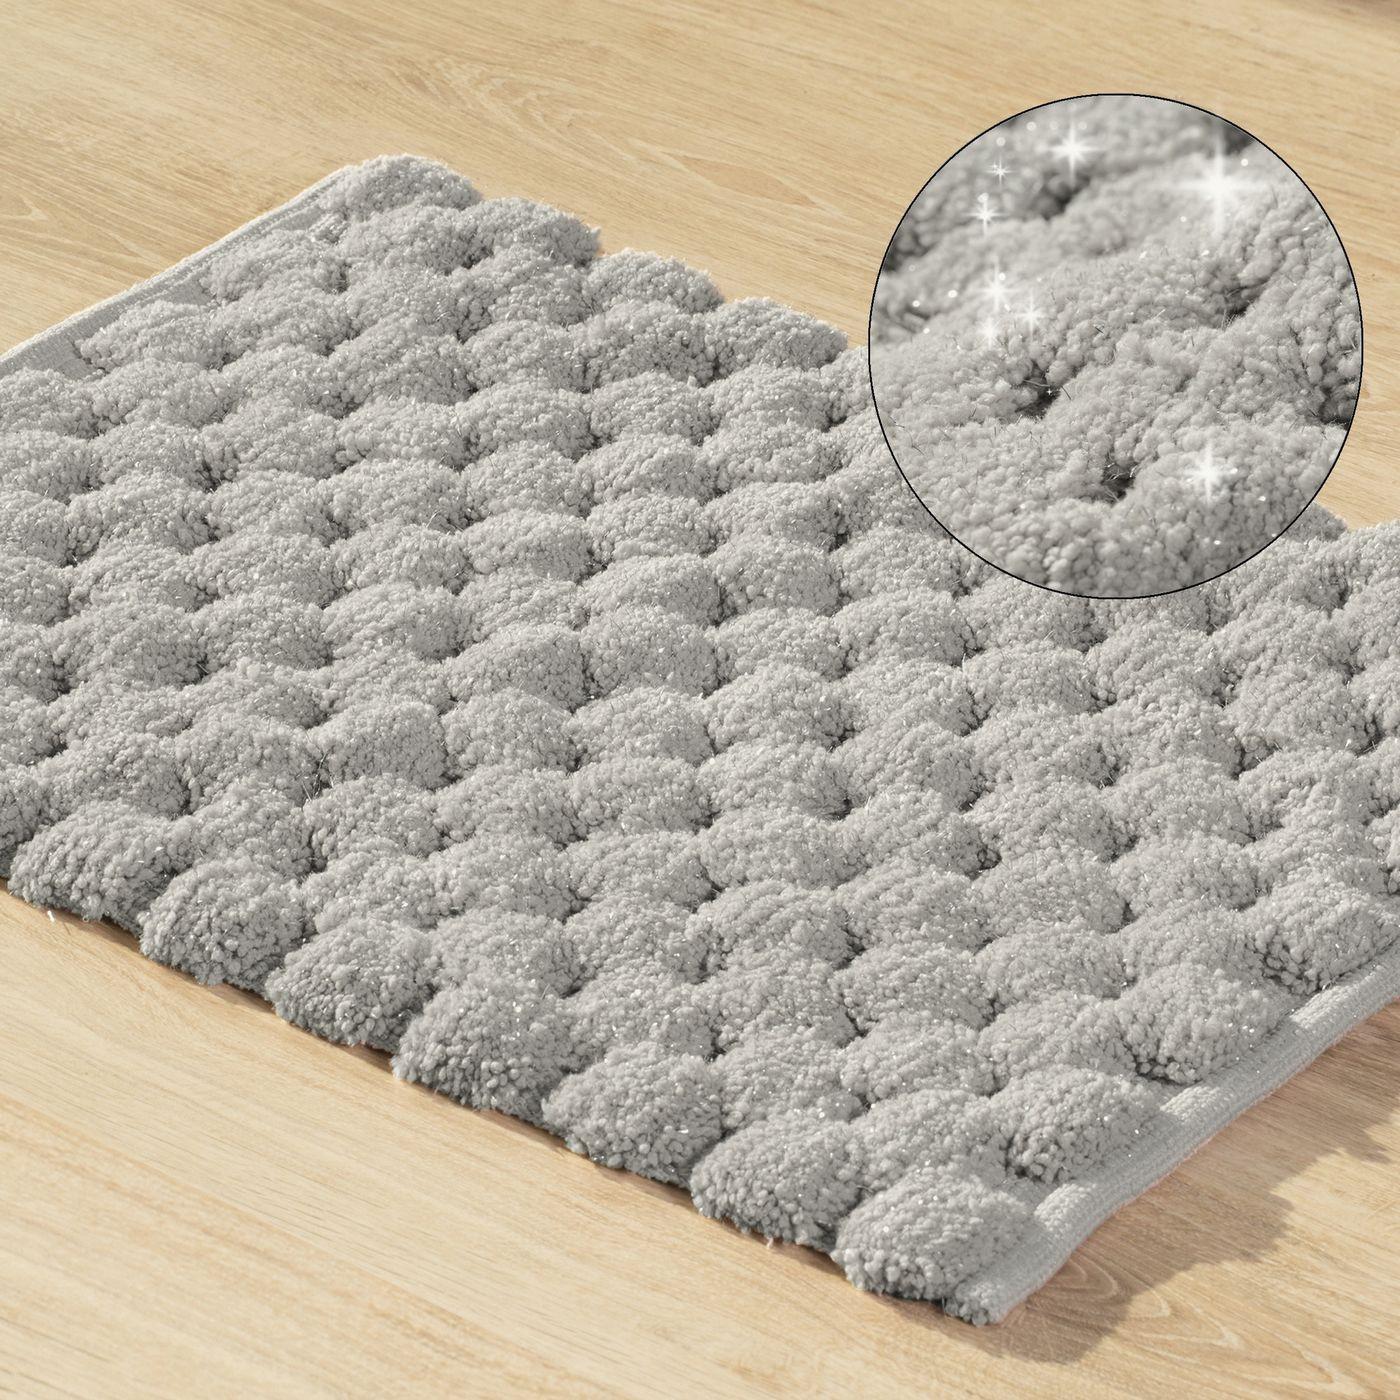 Srebrny dywanik łazienkowy tłoczony ze srebrną nicią 50x70 cm